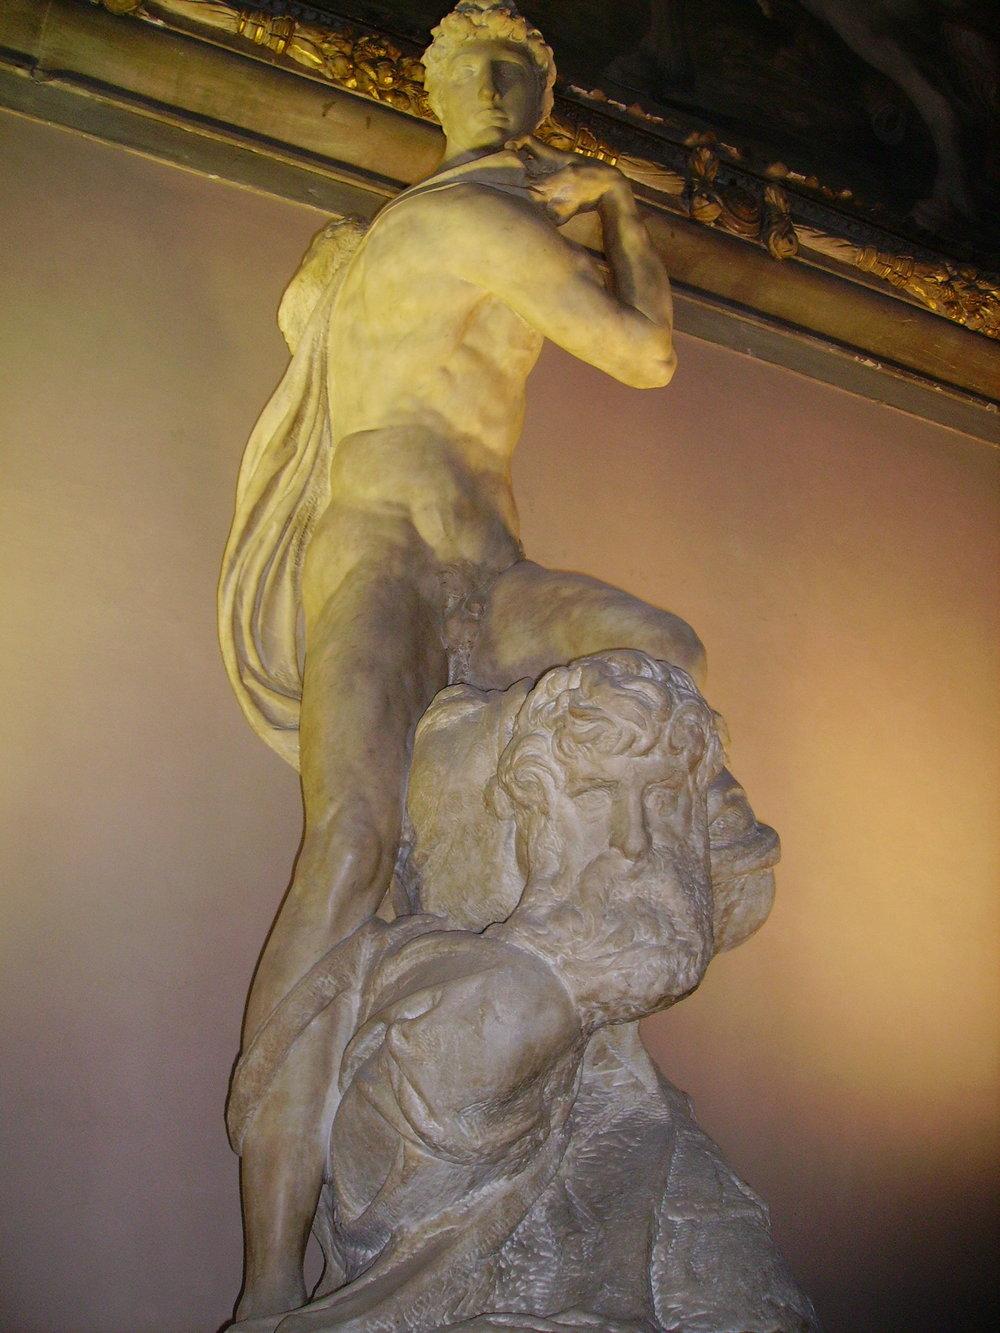 Image courtesy of Wikimedia